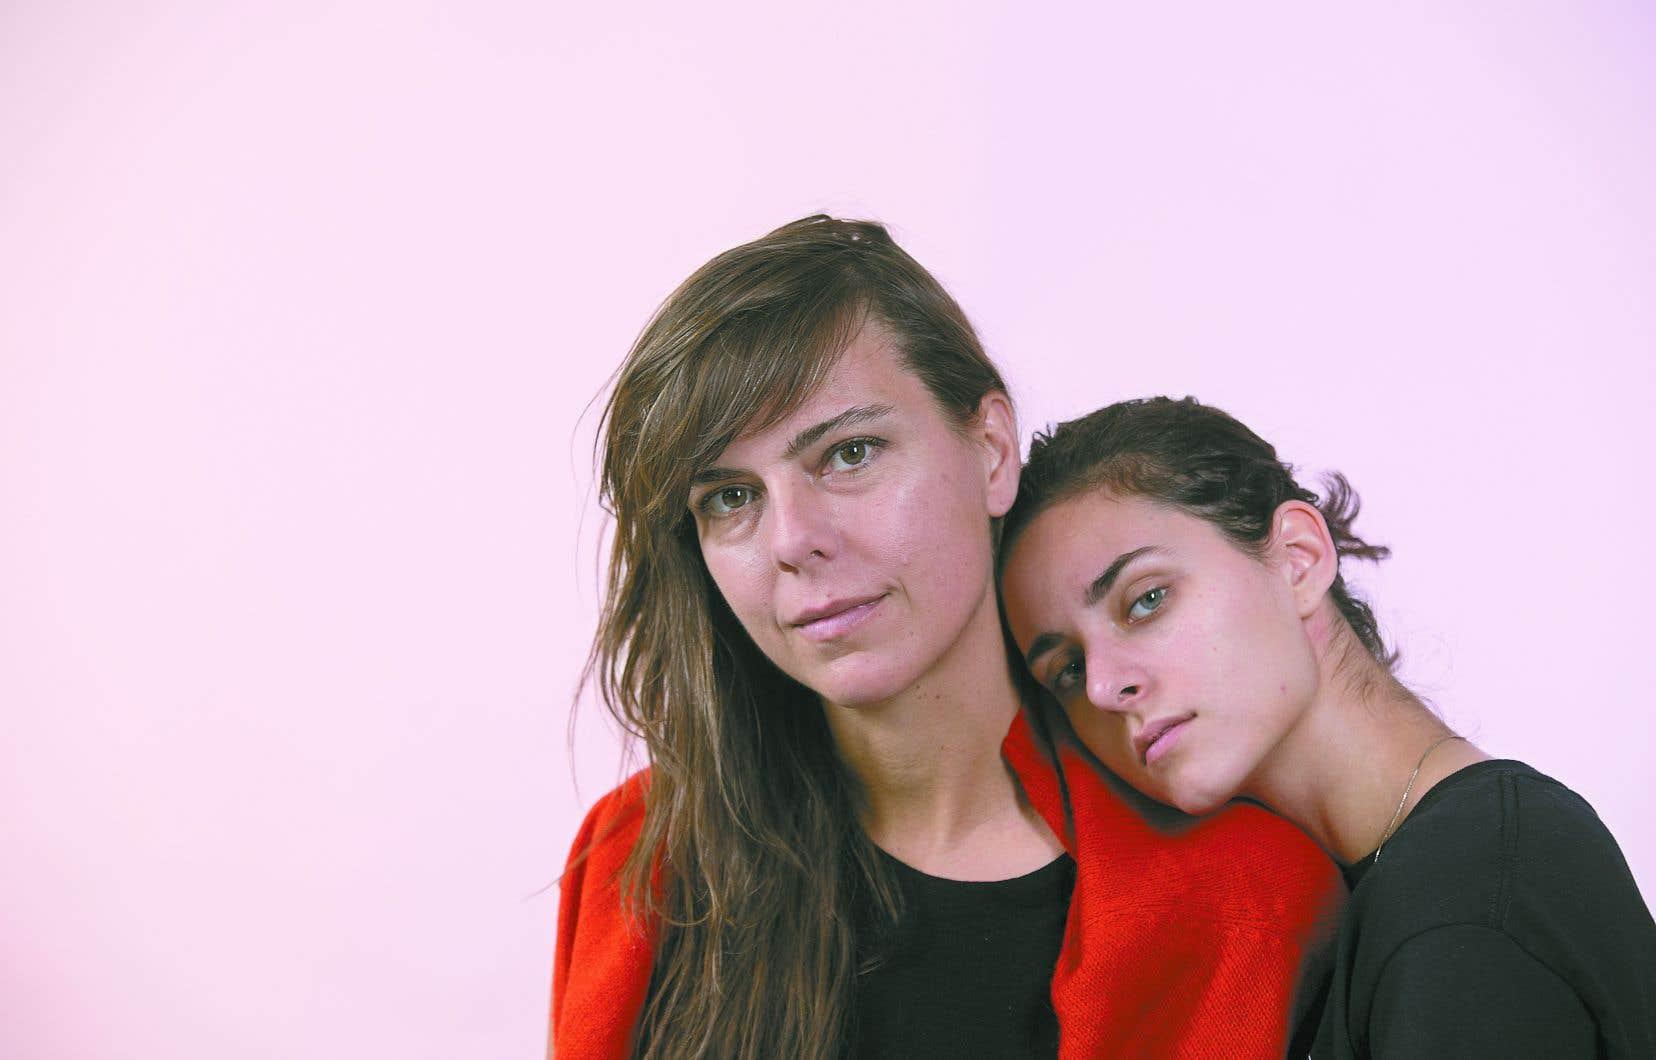 Nahéma Ricci (à droite) a été choisie dans le cadre d'un casting sauvage où des centaines de jeunes de tous les horizons ont rencontré l'équipe du film, dont la cinéaste Sophie Deraspe.